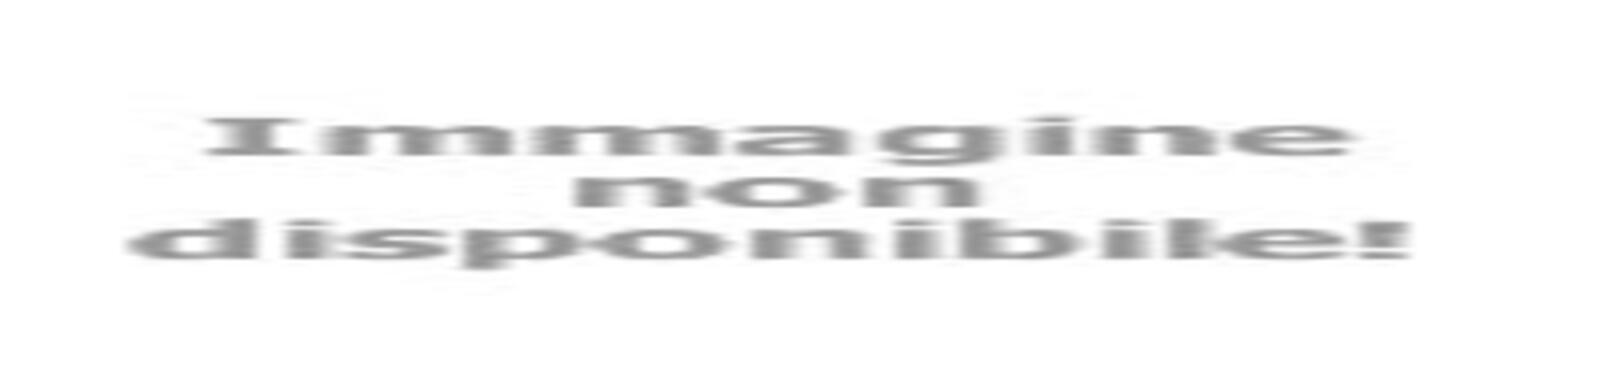 petronianaviaggi it le-meraviglie-dei-colli-friulani-colori-profumi-sapori-v446 002